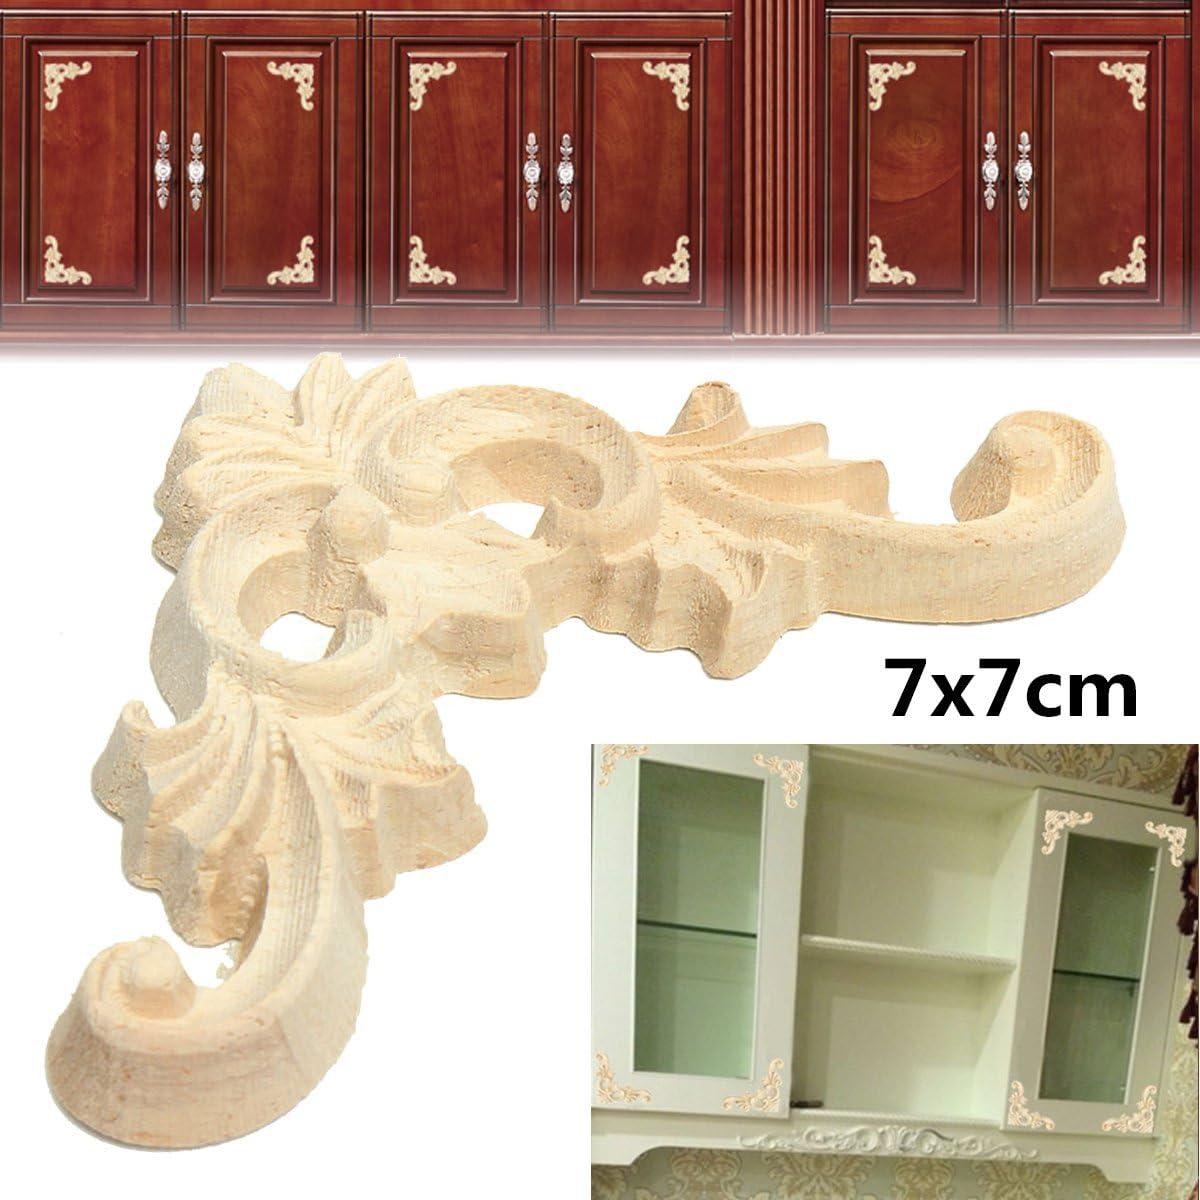 Jeteven 4 Pcs Bois Sculpt/é Angle Vintage D/écoration Meubles Armoire Fen/être Miroir Ornement /à la Main 9 cm x 6 cm